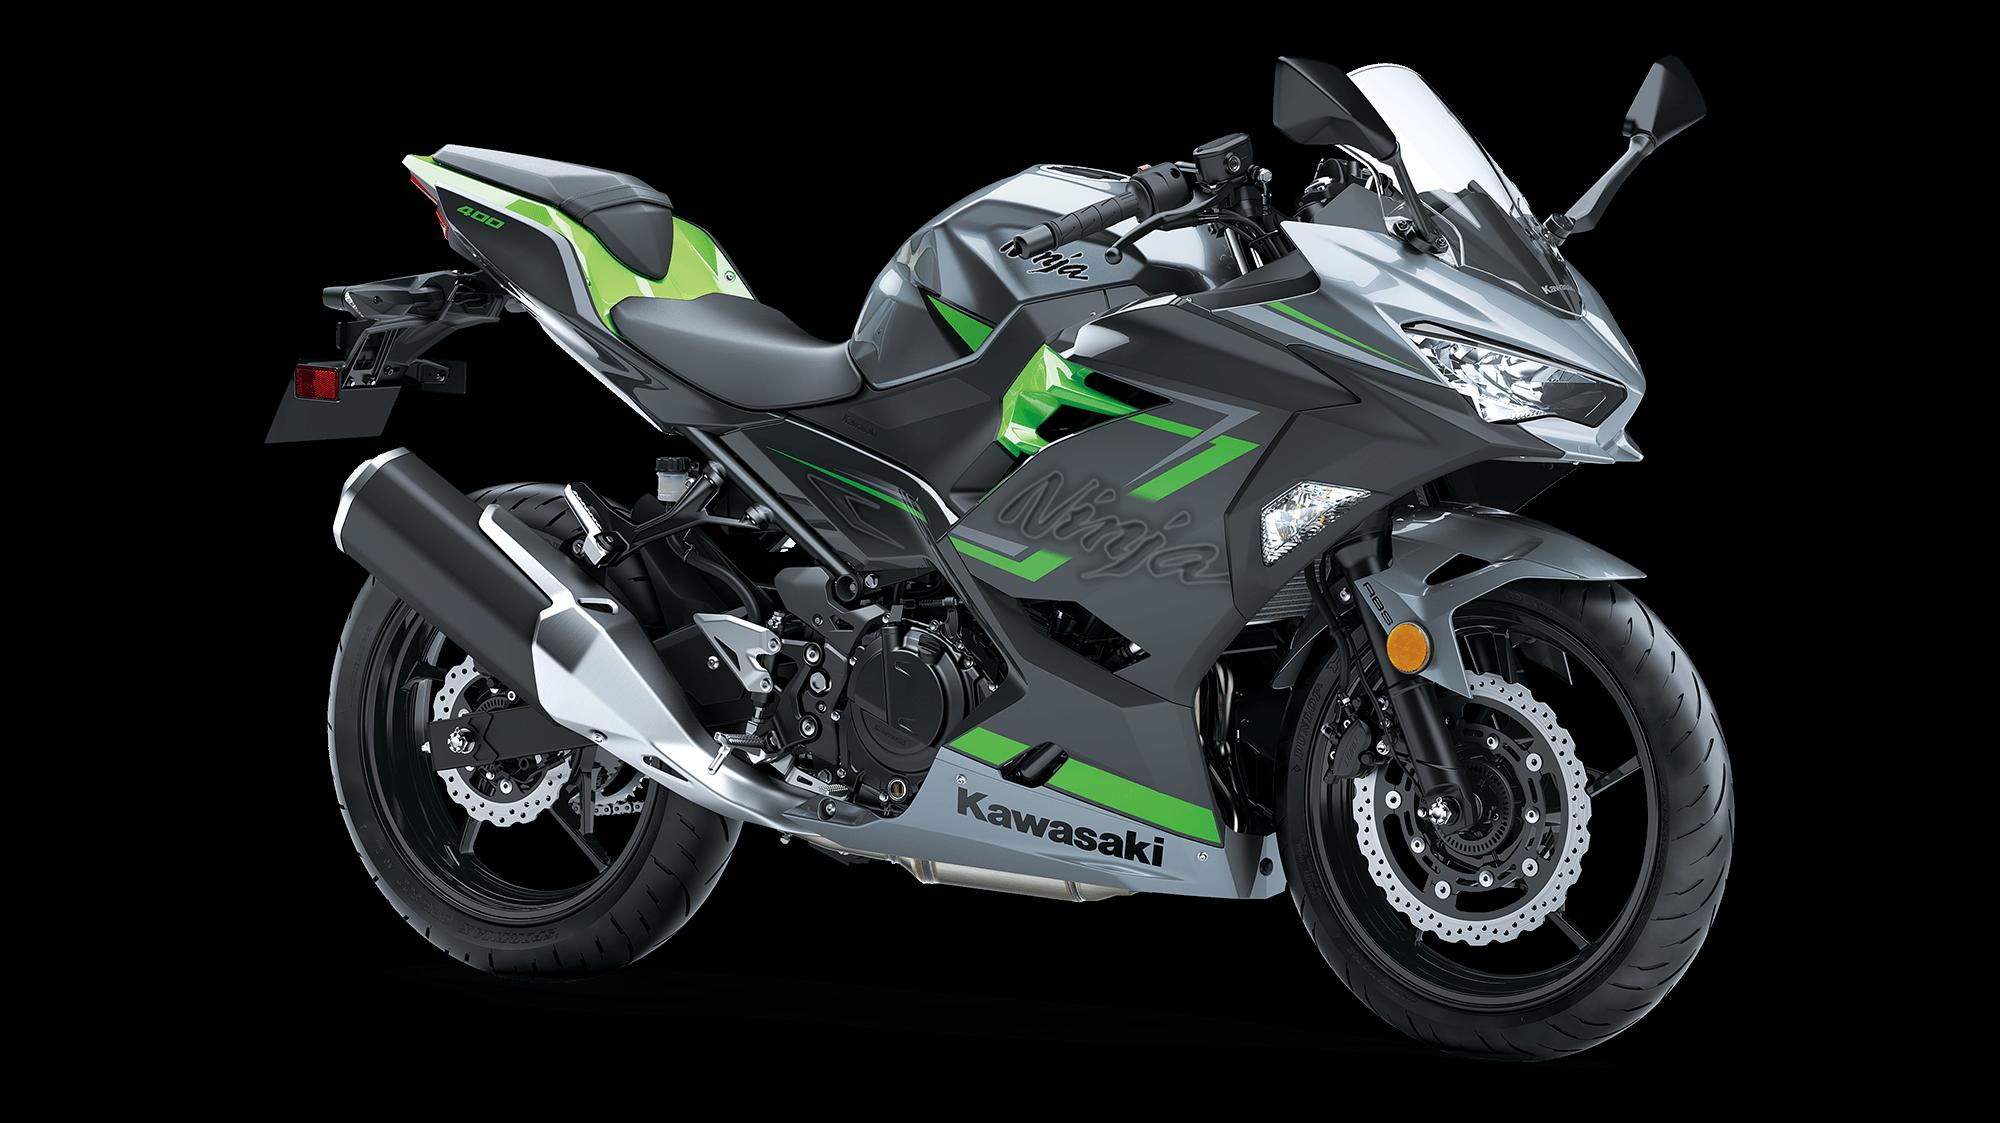 2019 Ninja 400 Abs Ninja Motorcycle By Kawasaki